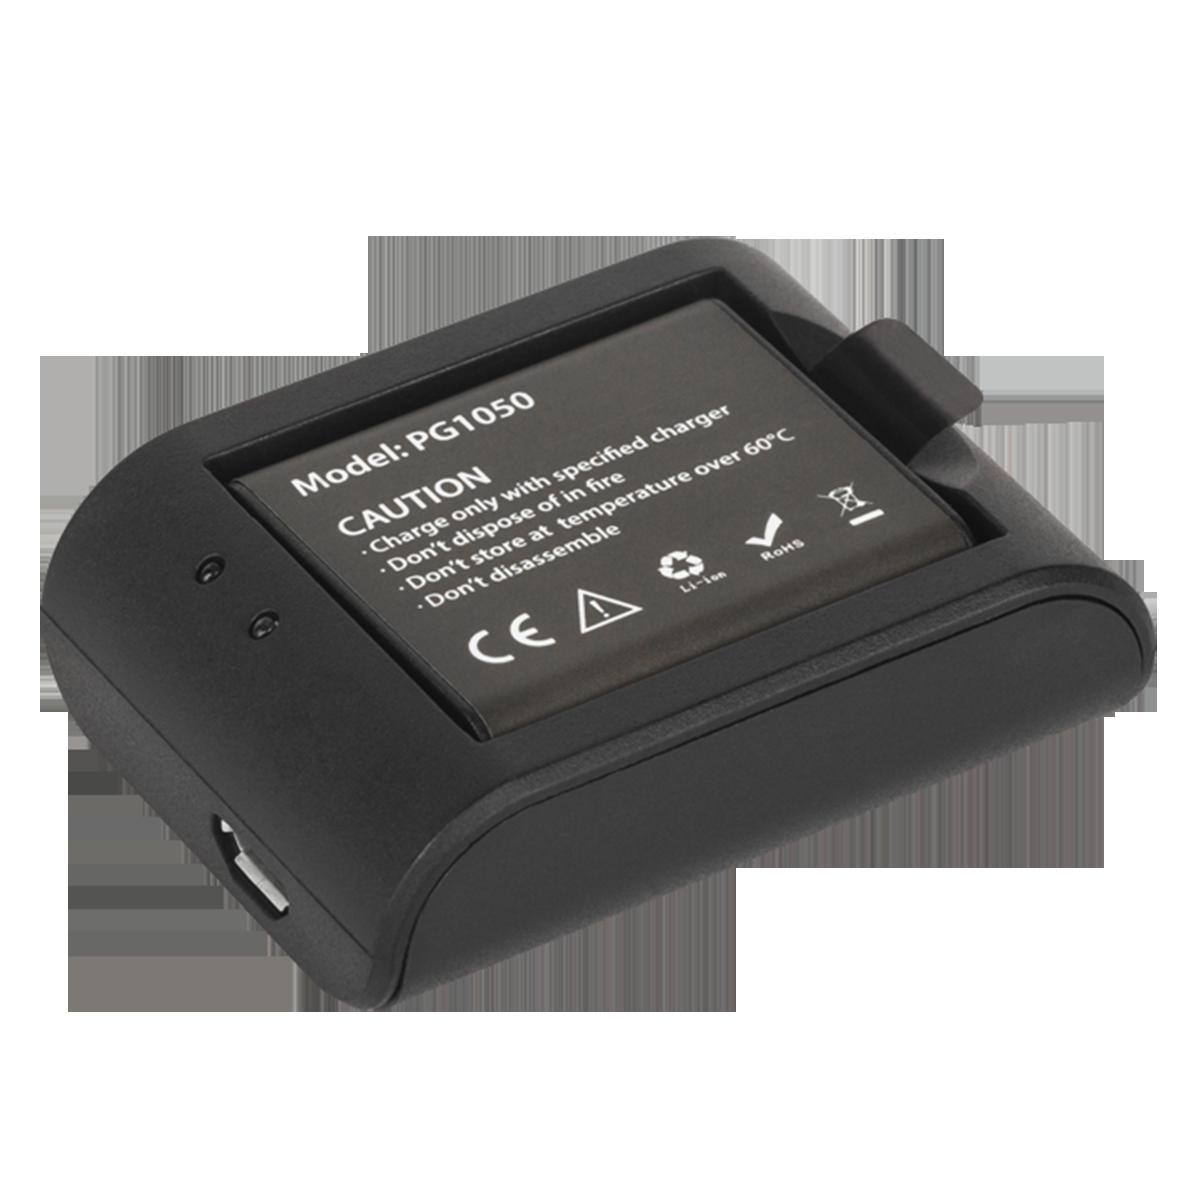 Зарядное устройство + батарея 1050 mAh EKEN / SJCAM / Kruger&Matz (KM0214S) Black